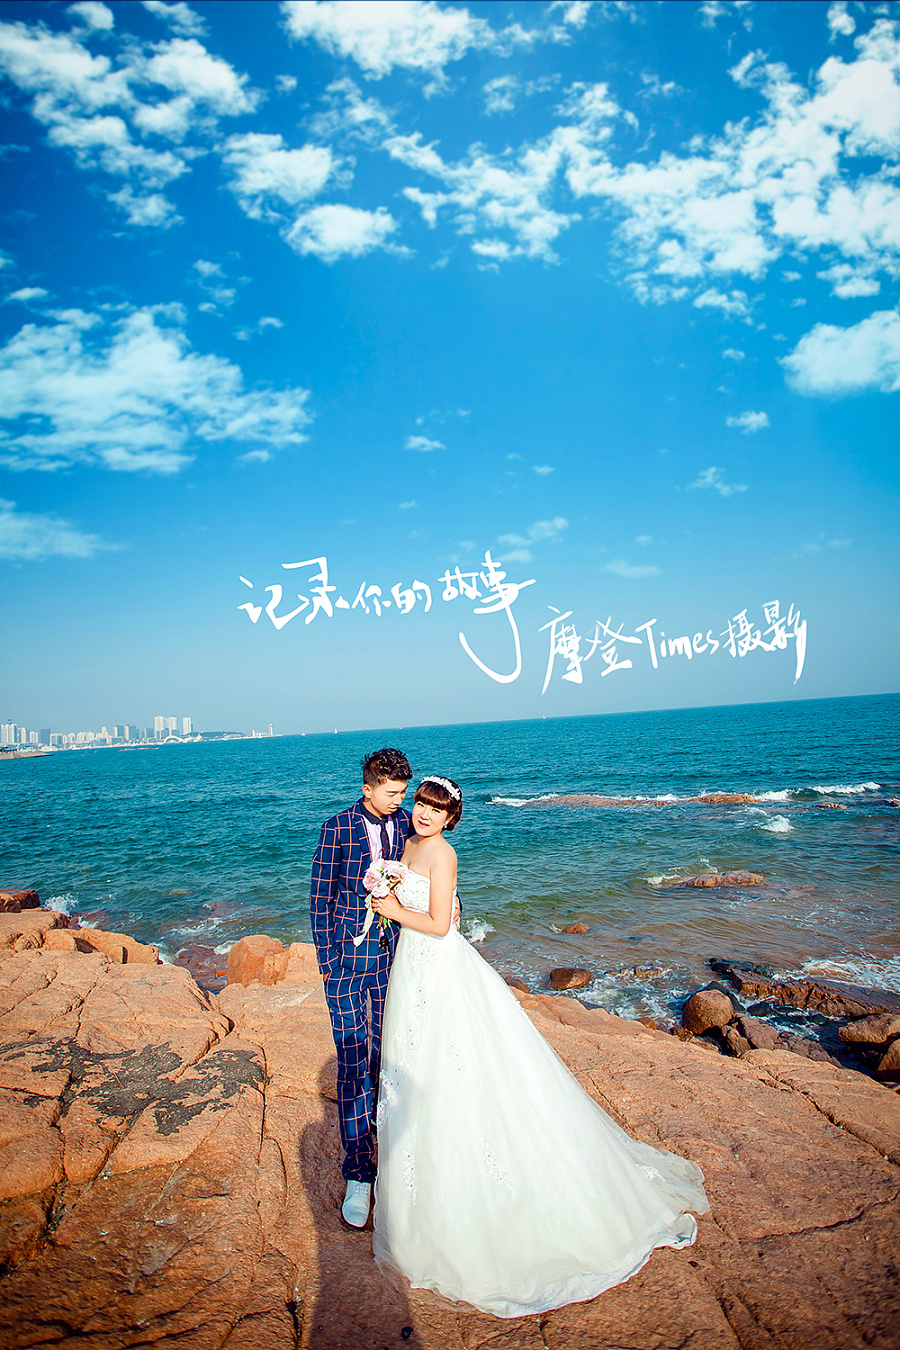 张氏夫妇青岛海景婚纱